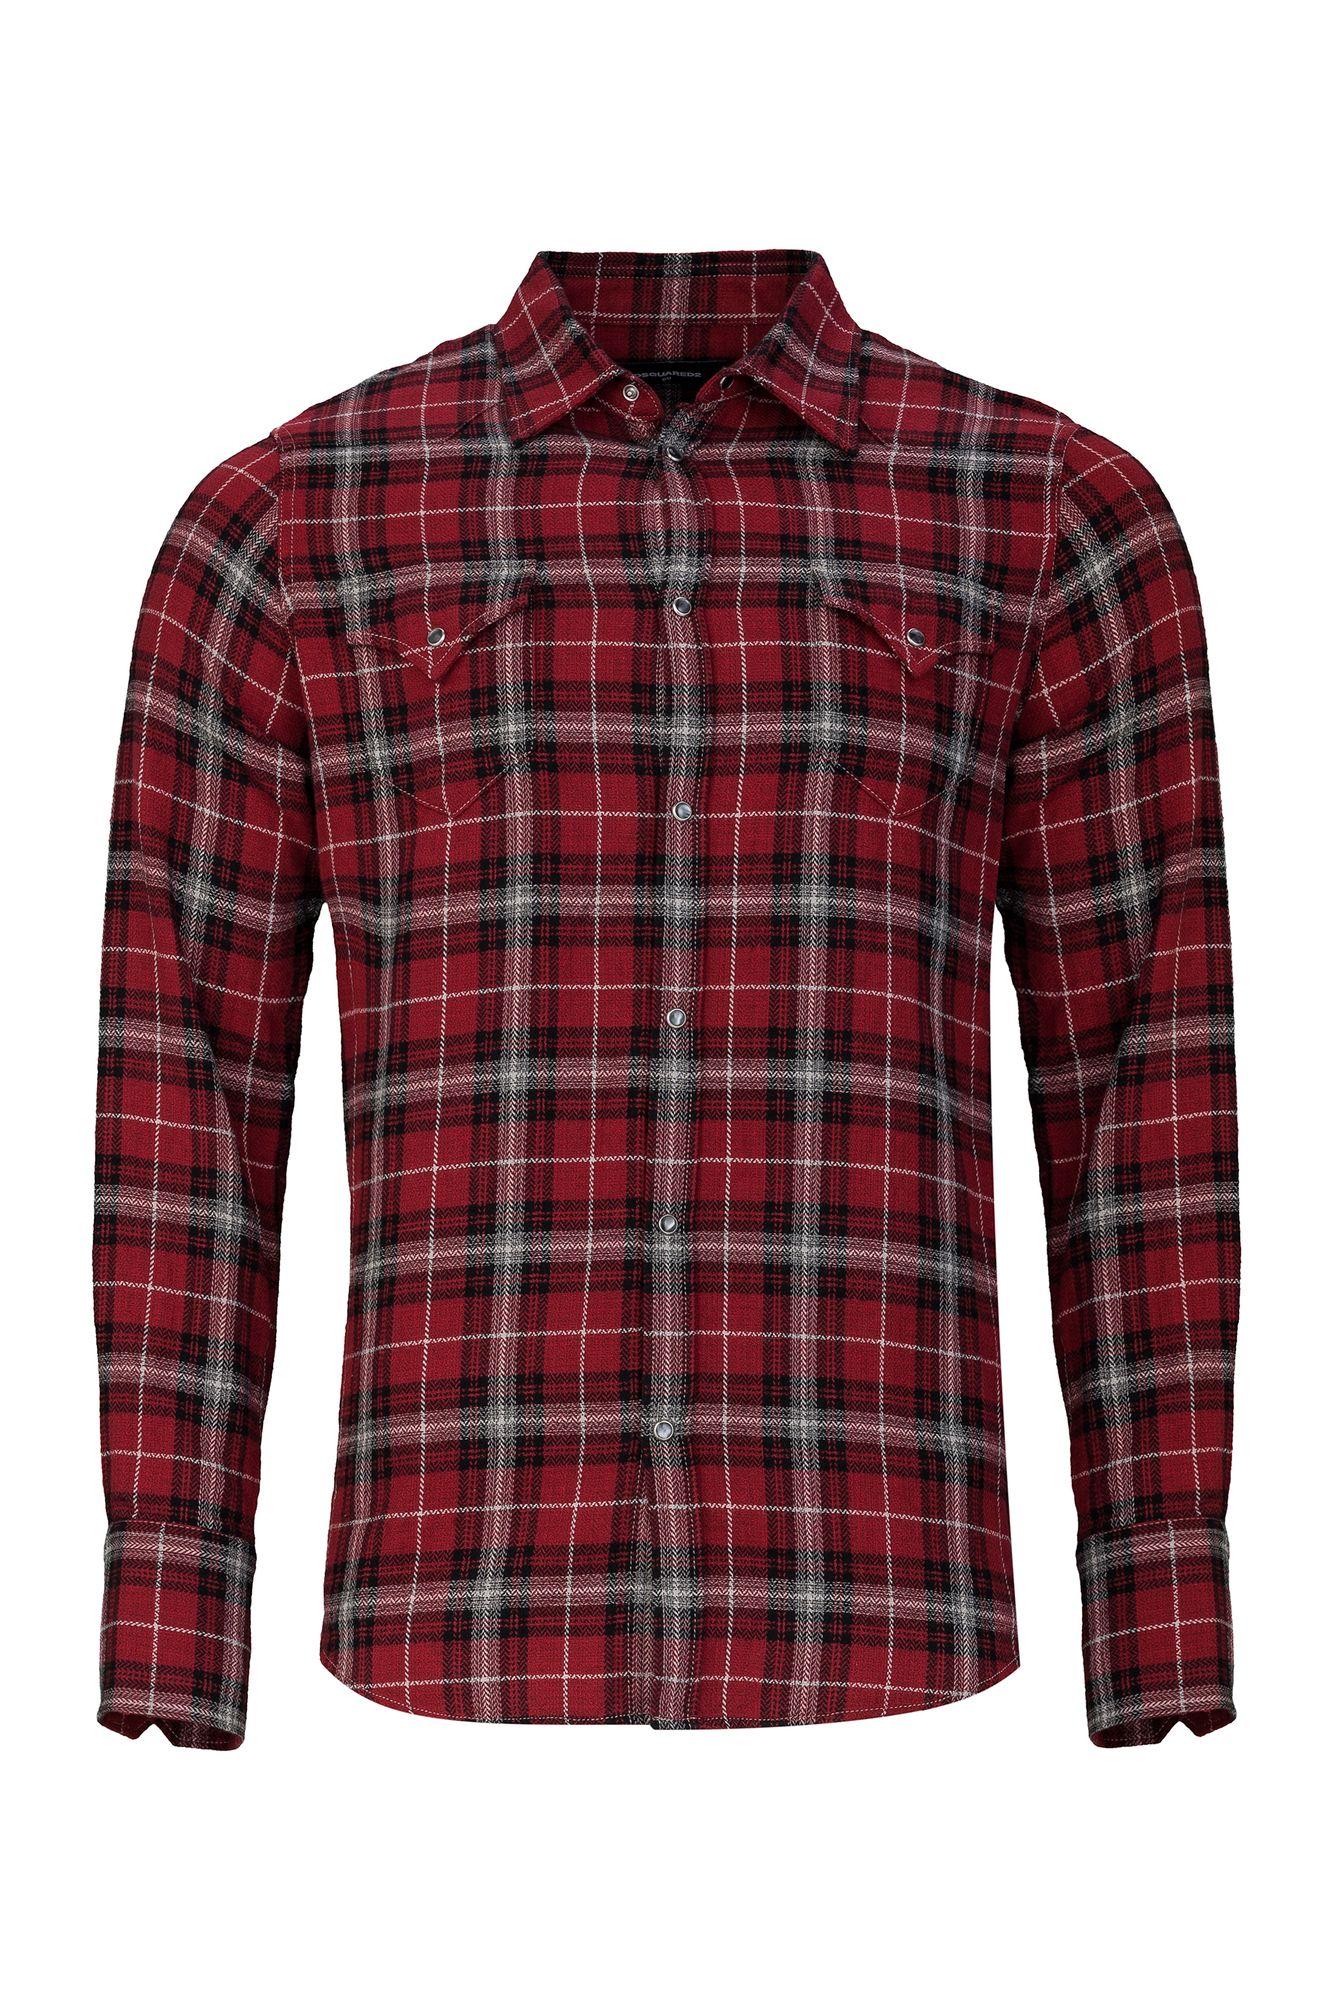 b56ce3629542 casual checked Shirt Herren Kleidung Hemden Freizeit